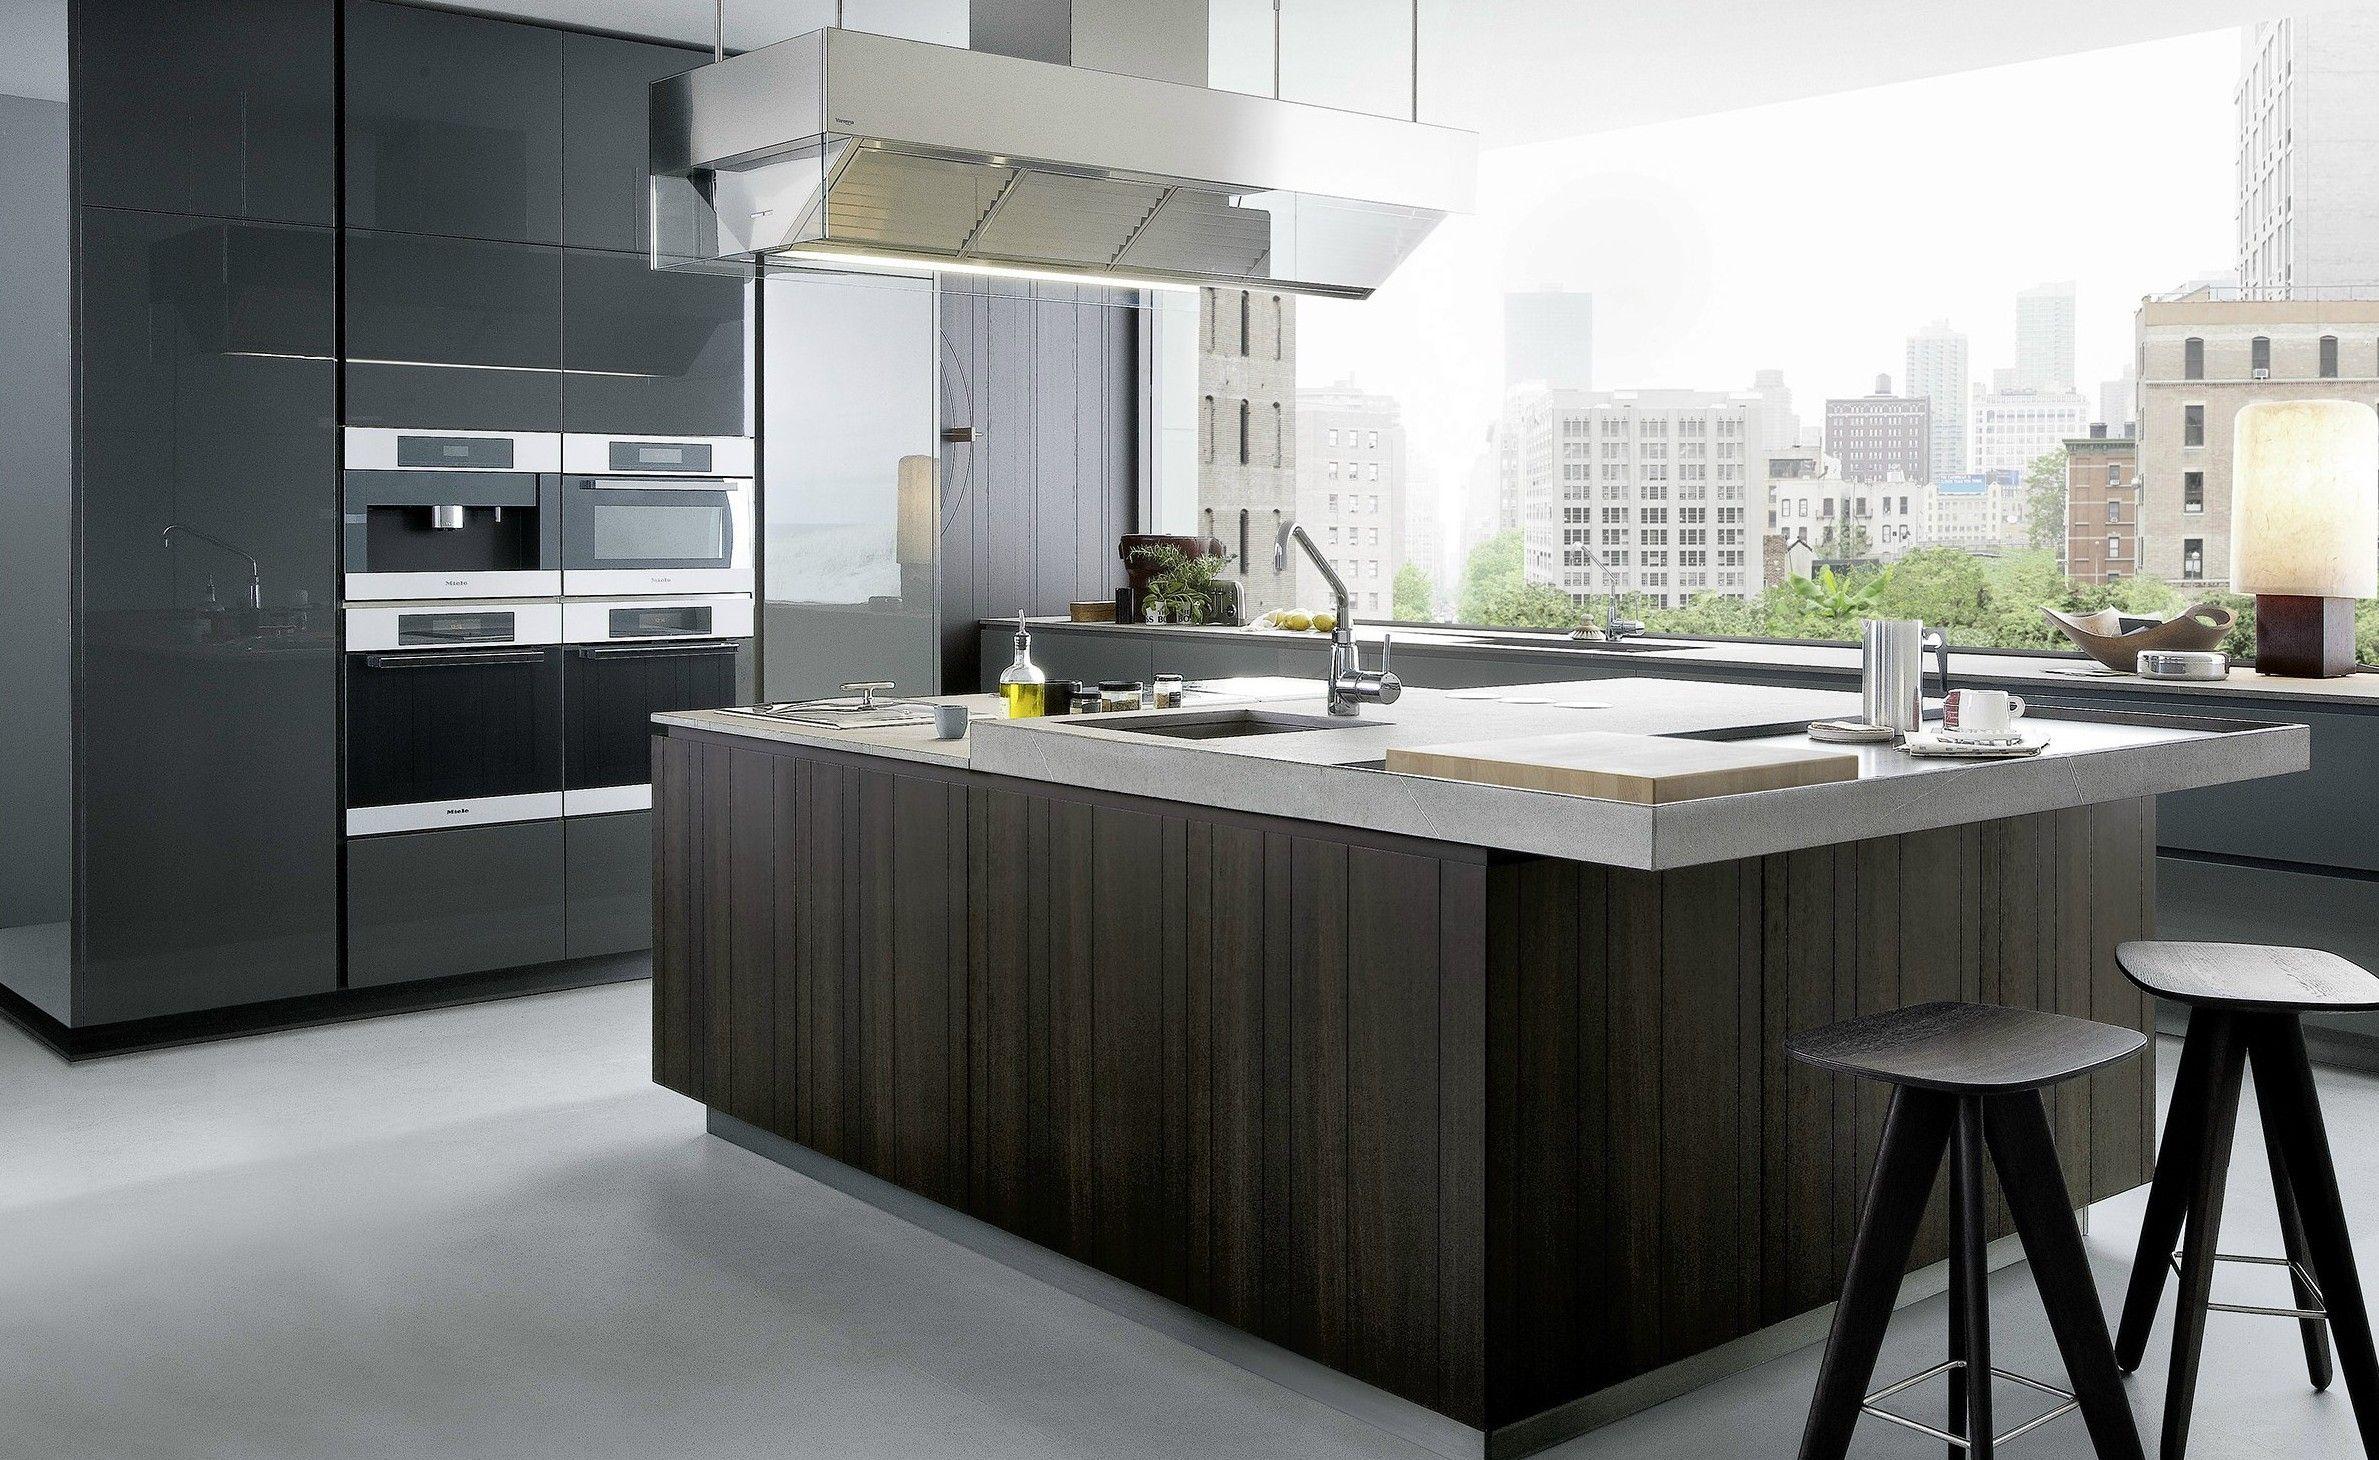 Muebles de cocina gunni trentino cocinas pinterest for Modelos cocinas integrales modernas